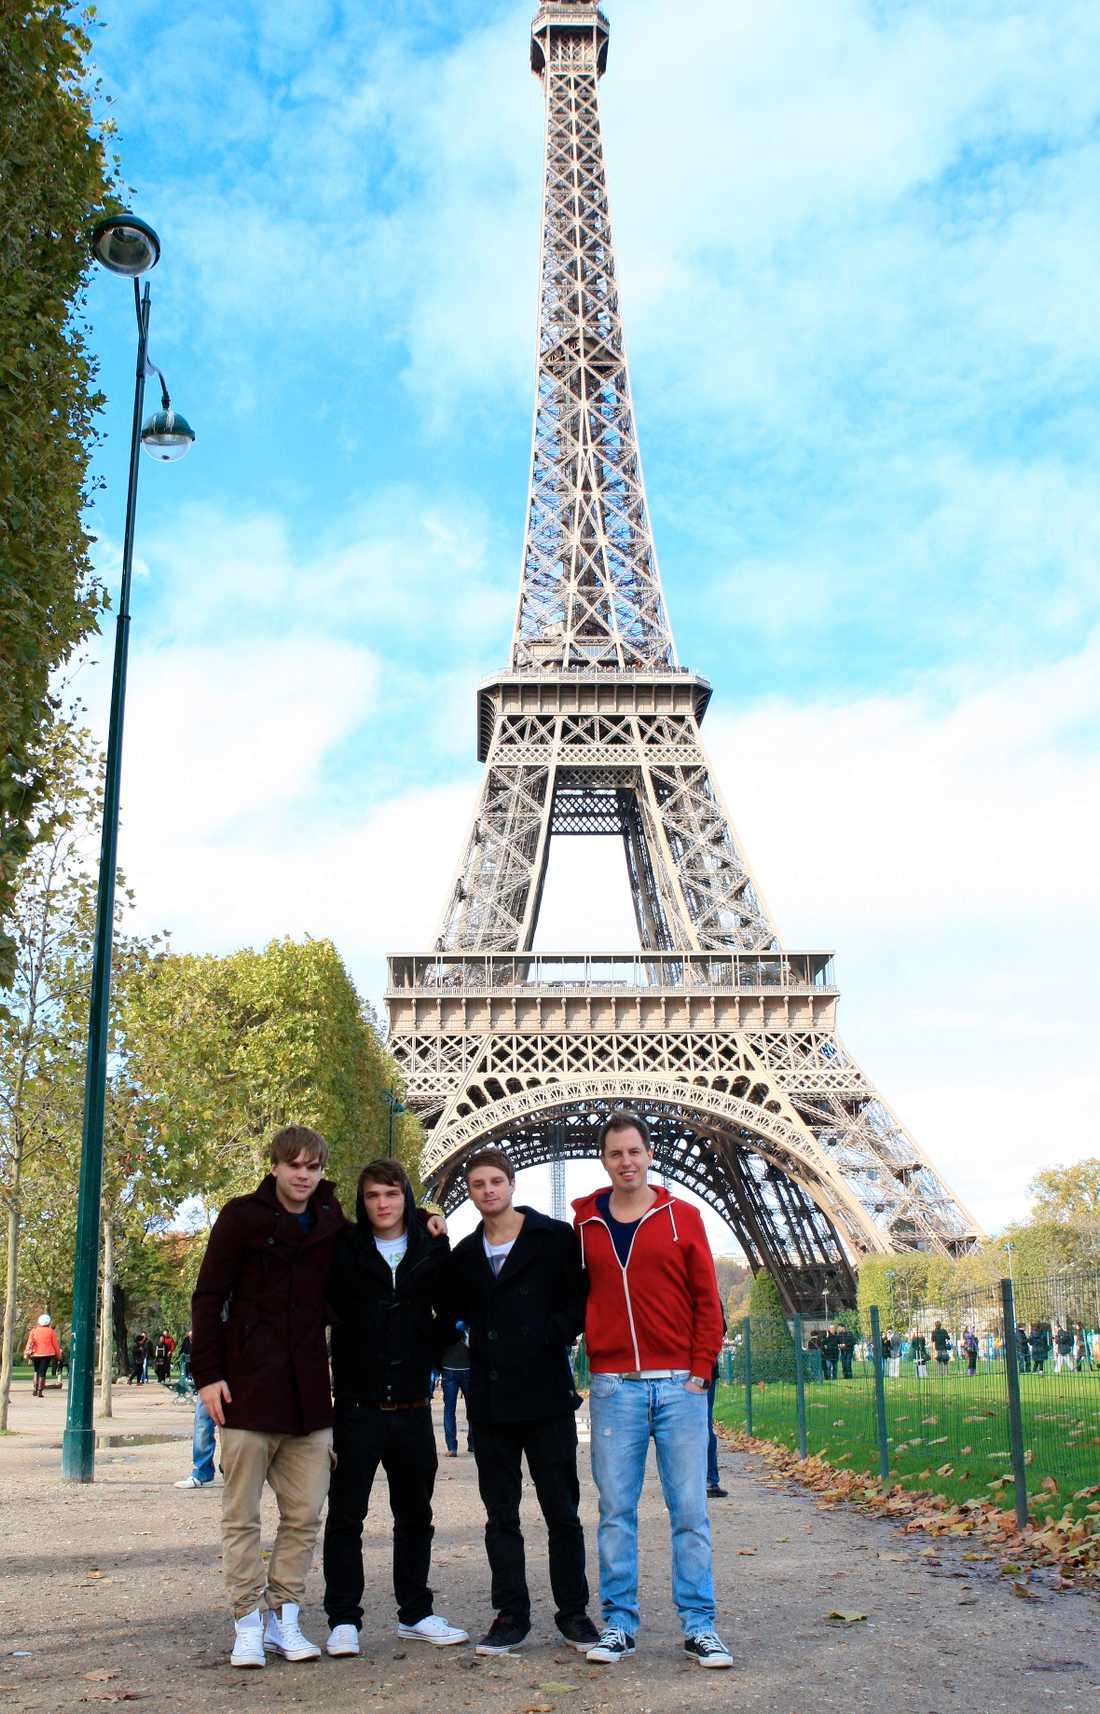 Harry I Paris Att turista är kul tycker Harry och hans vänner